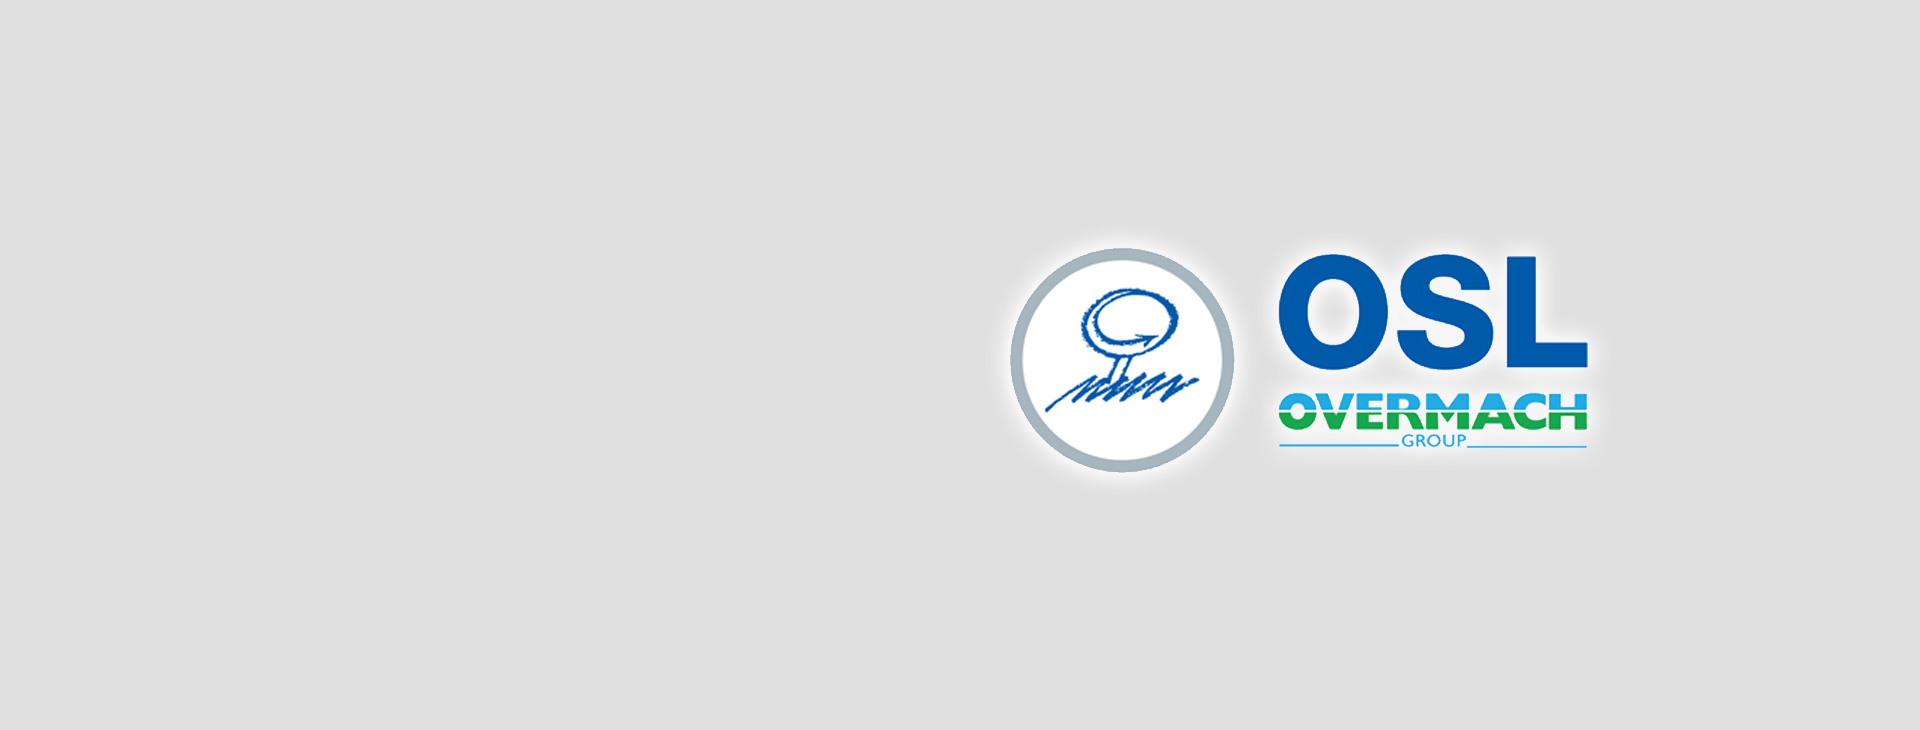 OSL Entra a far parte del Gruppo OVERMACH  L'operazione strategica ha visto unire il colosso OVERMACH, leader nella commercializzazione di macchine utensili, con OSL, leader nella gestione dei processi produttivi delle aziende metalmeccaniche in ottica 4.0.